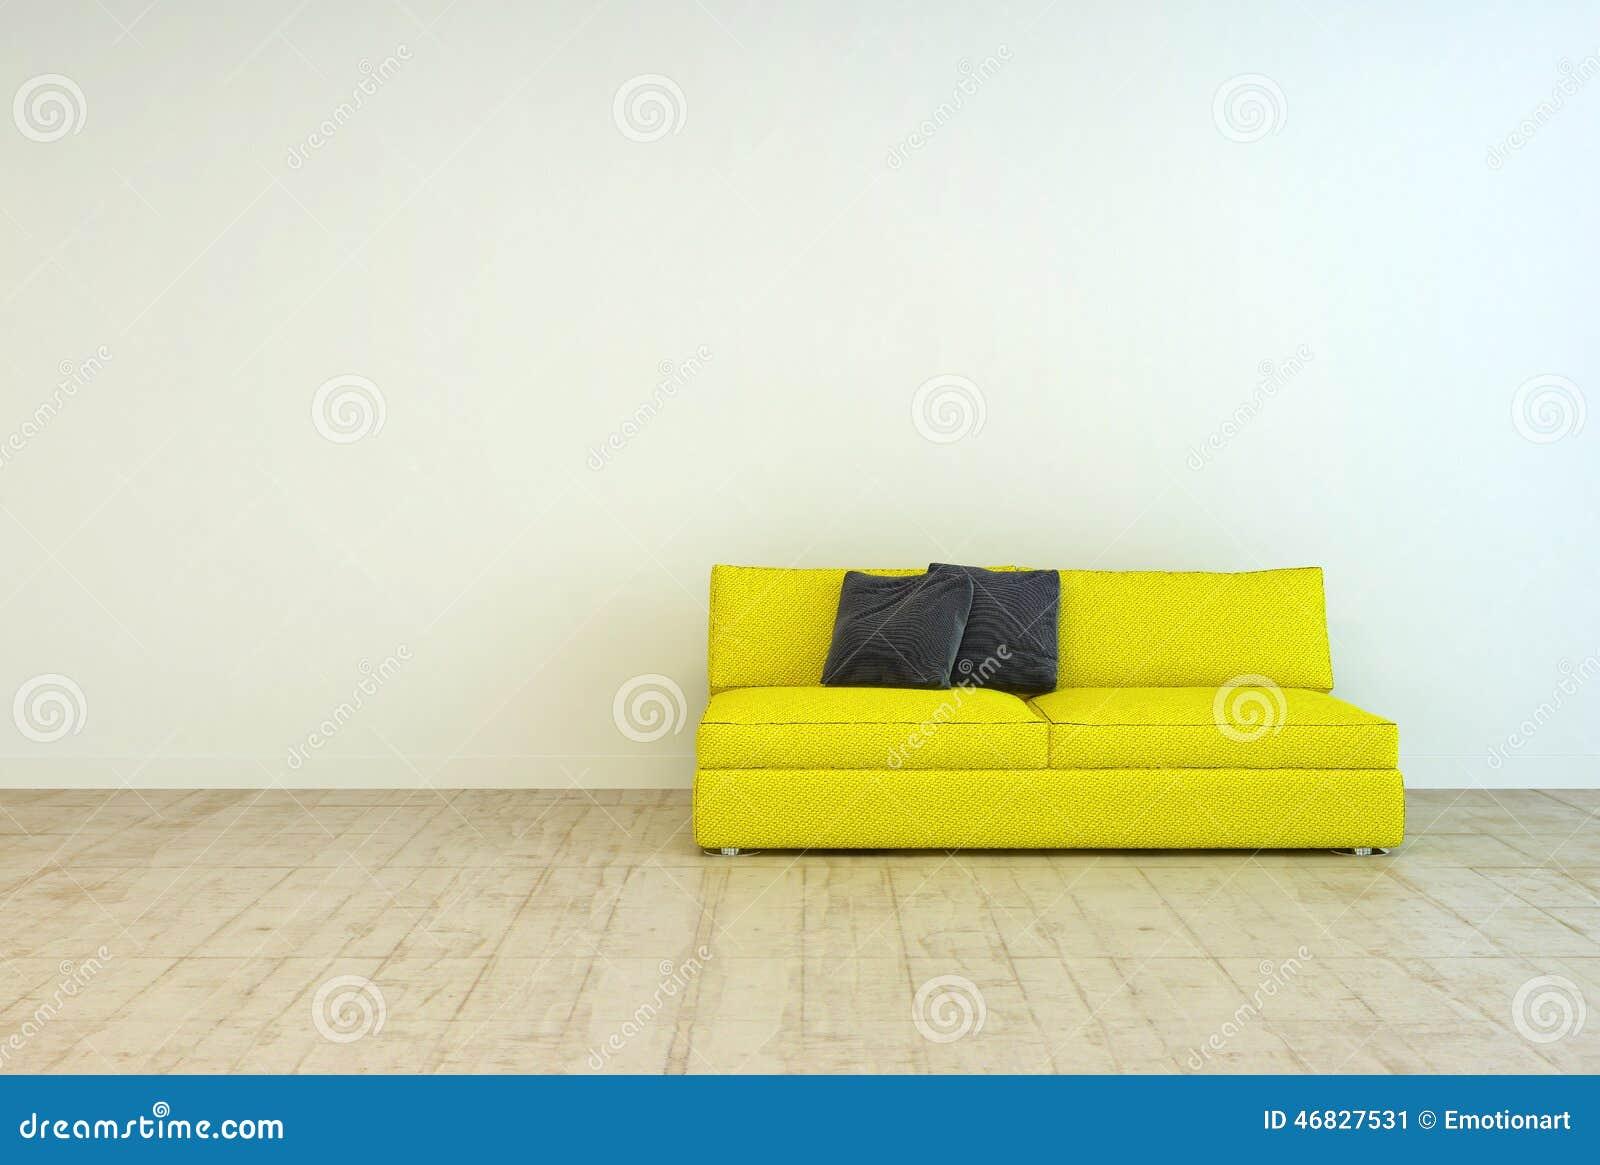 Gelbe Couch Möbel Auf Einem Leeren Wohnzimmer